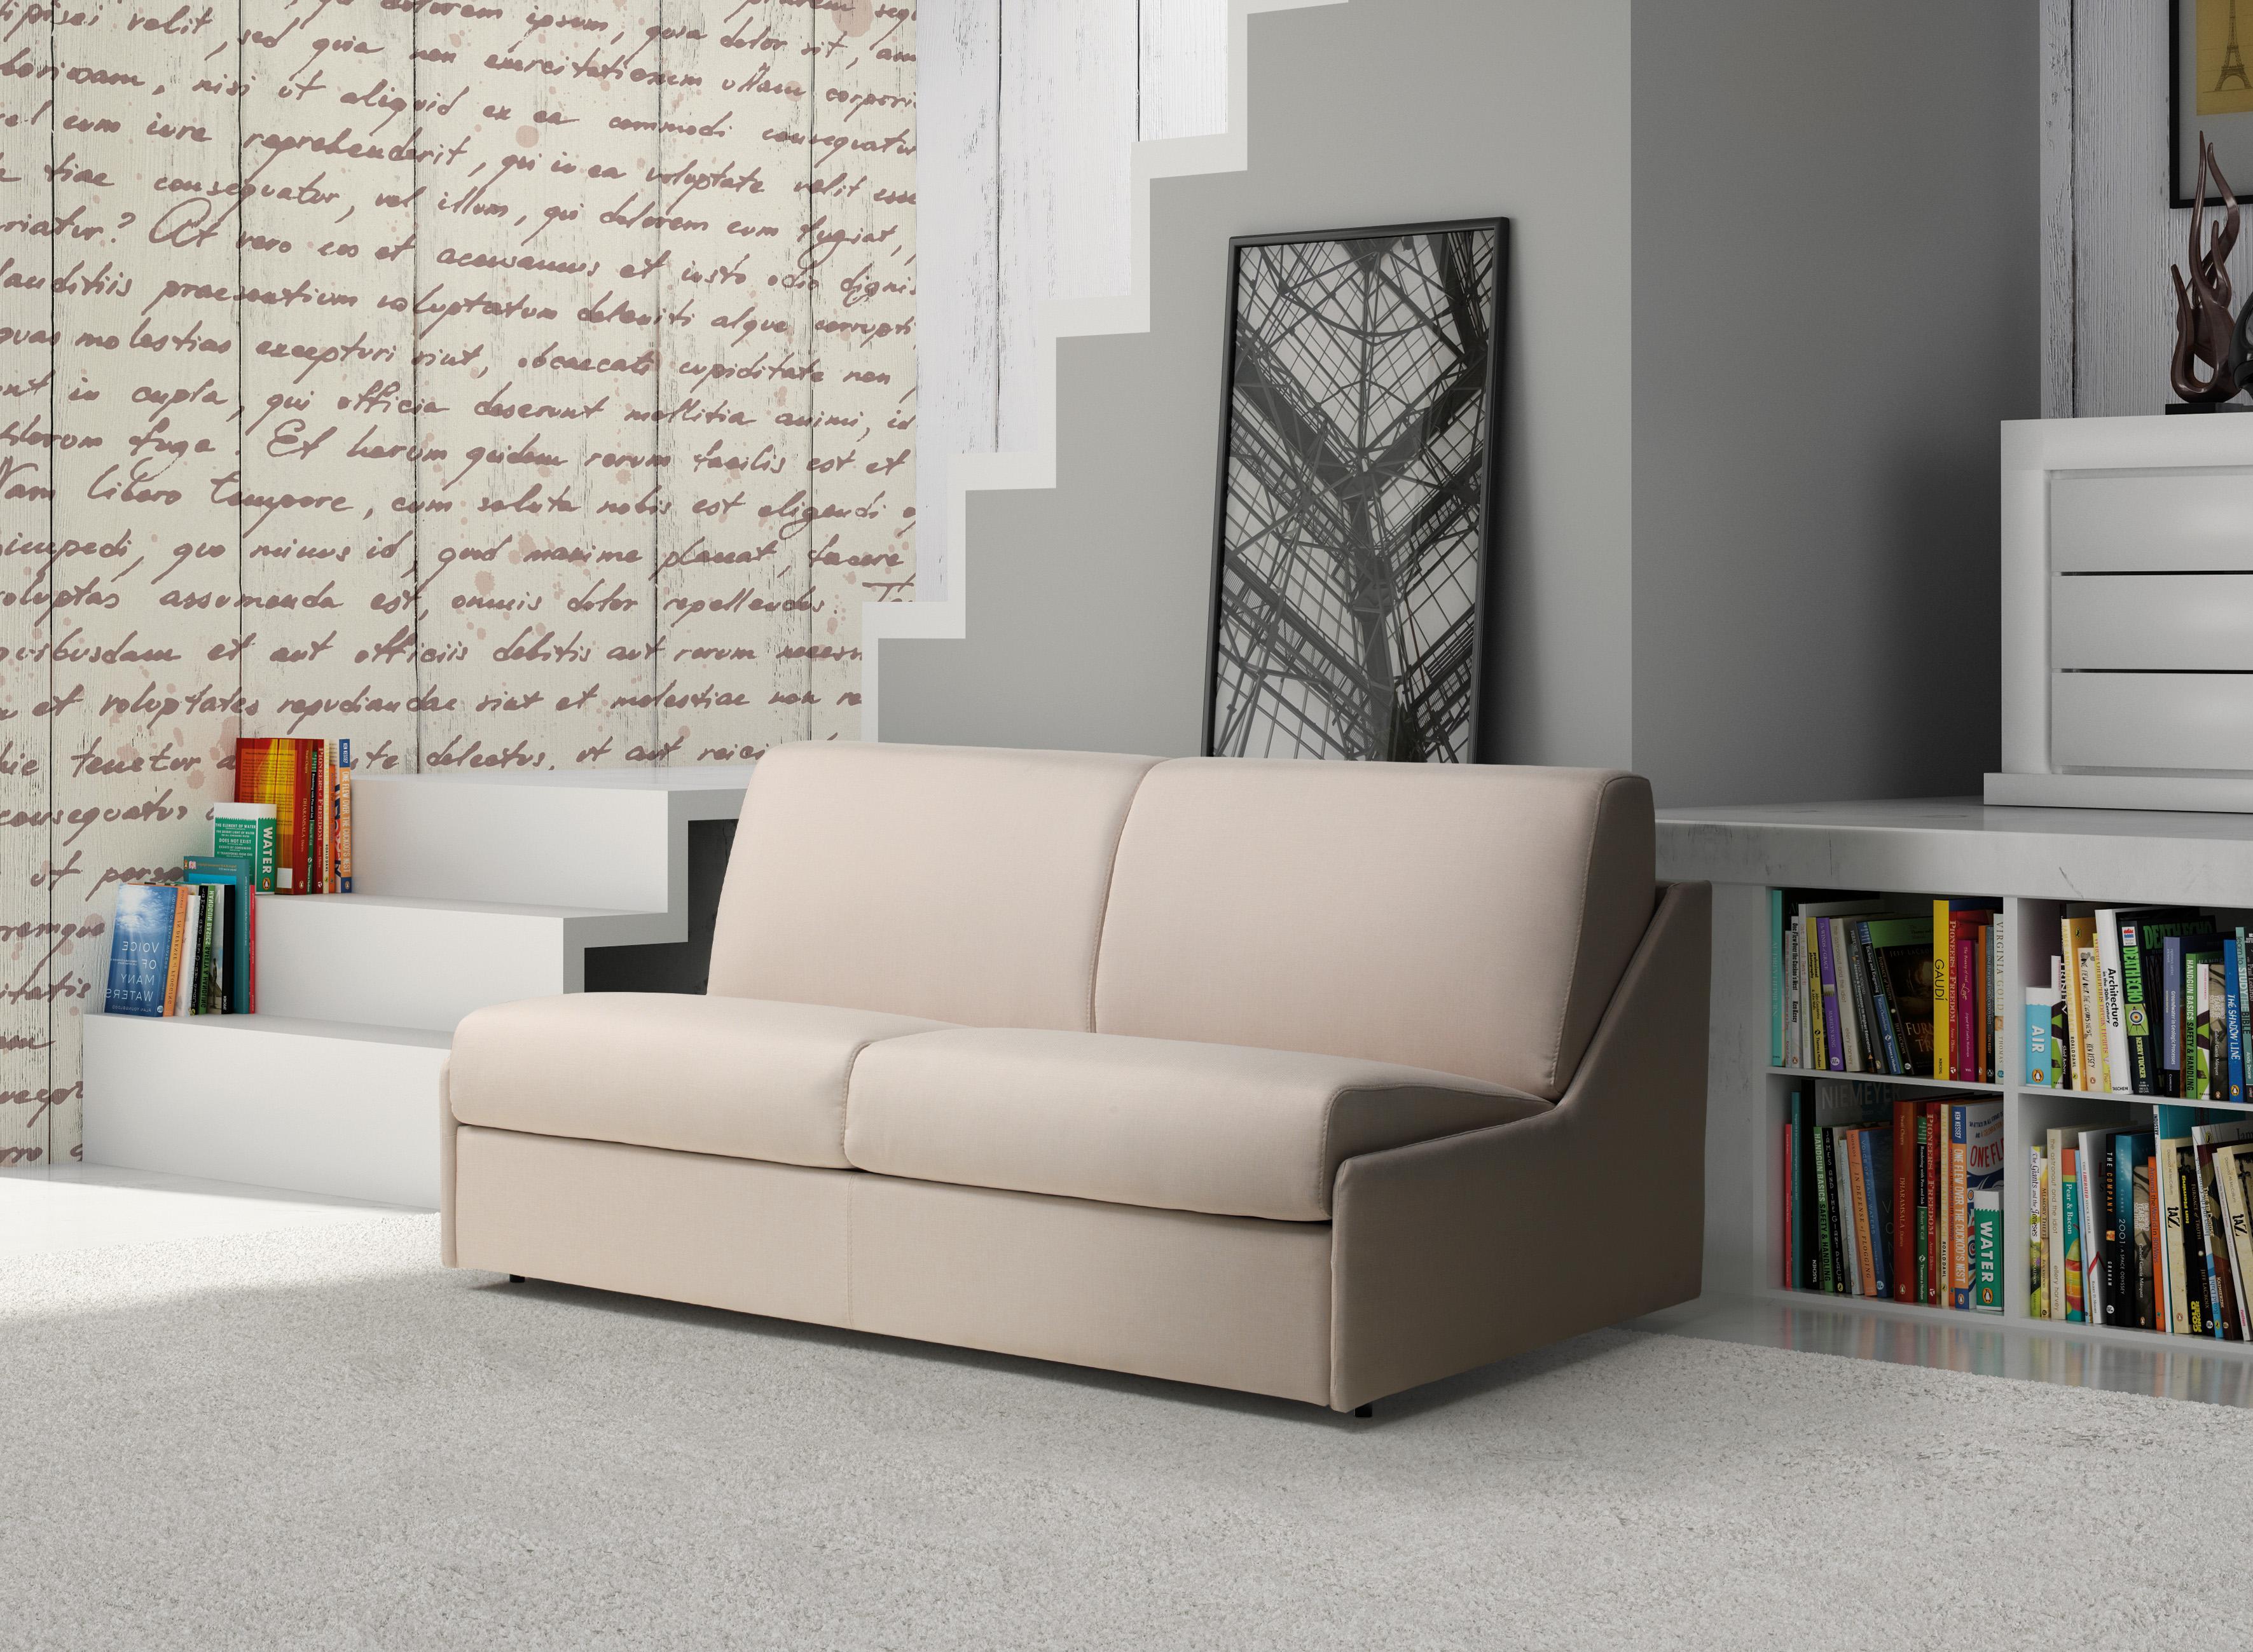 canap gain de place cool canap convertible gain de place unique les avantages d un canap lit et. Black Bedroom Furniture Sets. Home Design Ideas